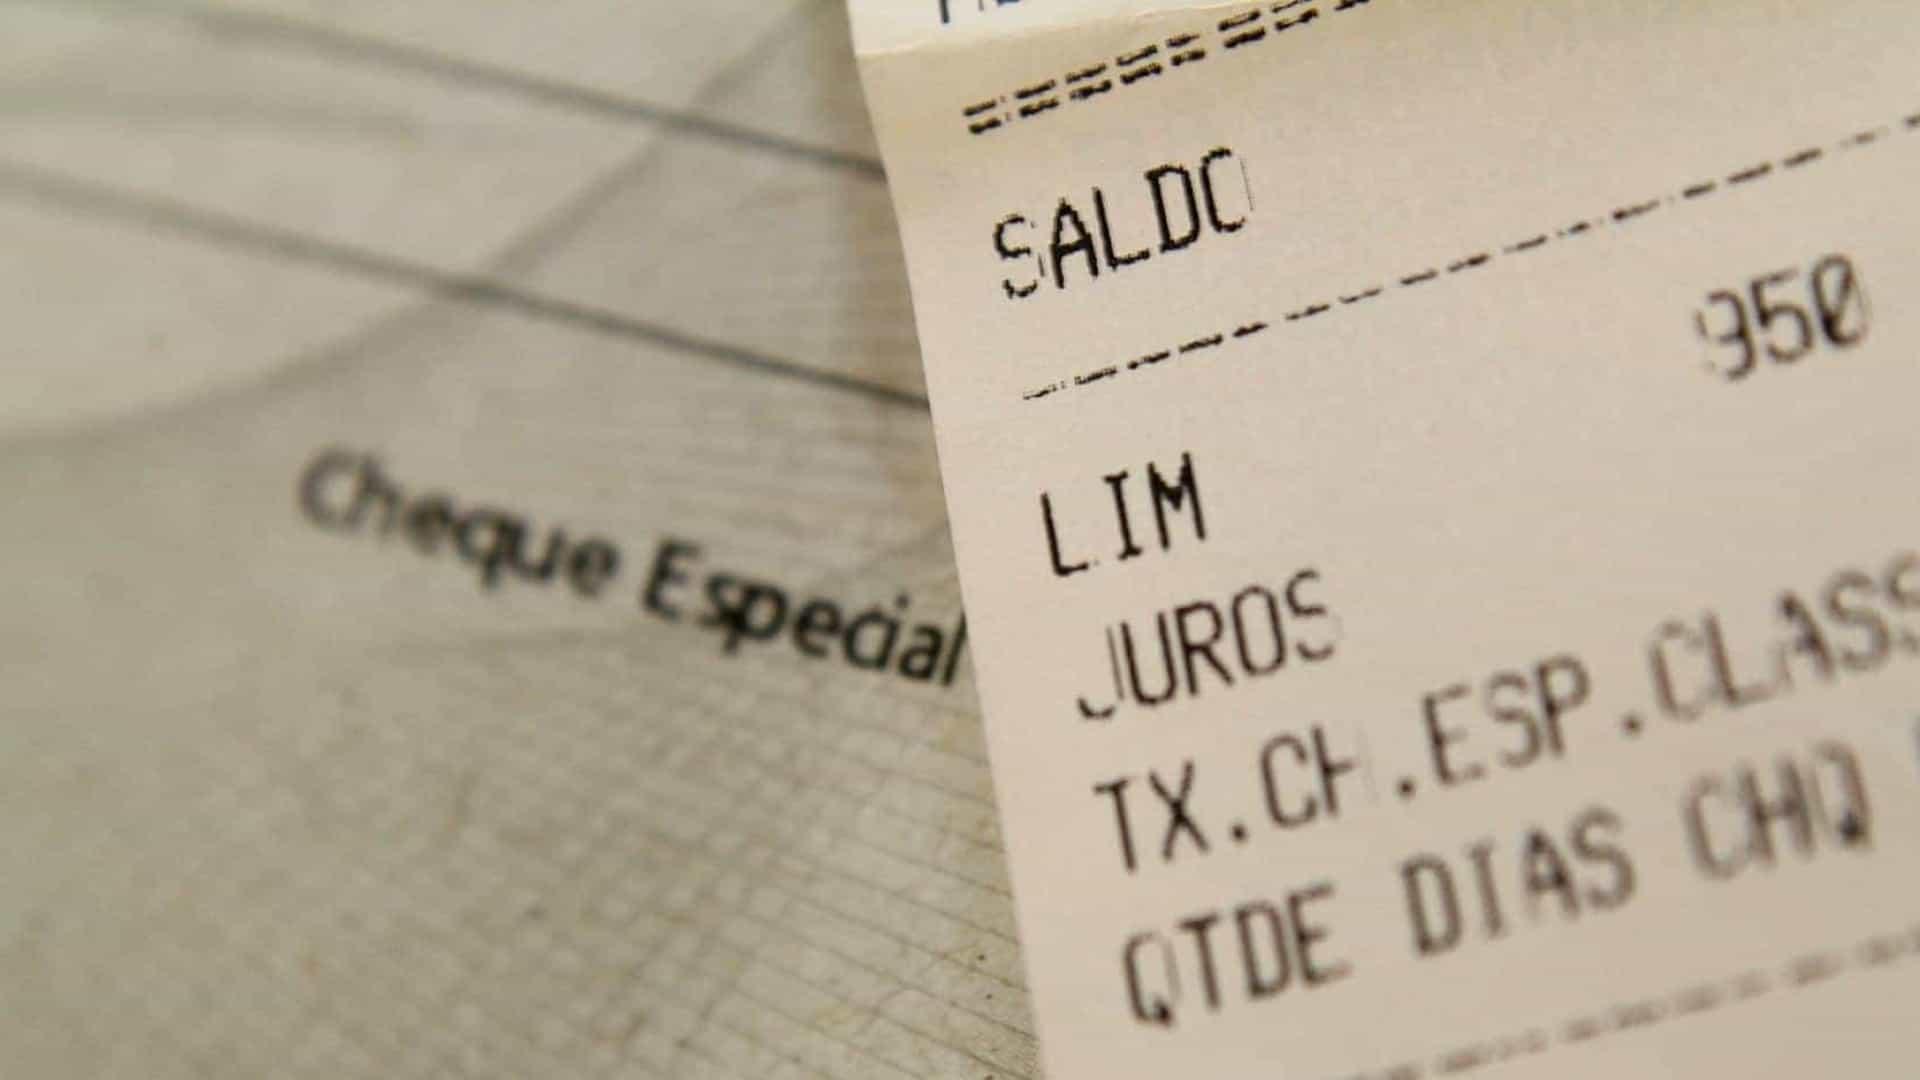 Limite de juros para cheque especial começa a valer a partir de hoje